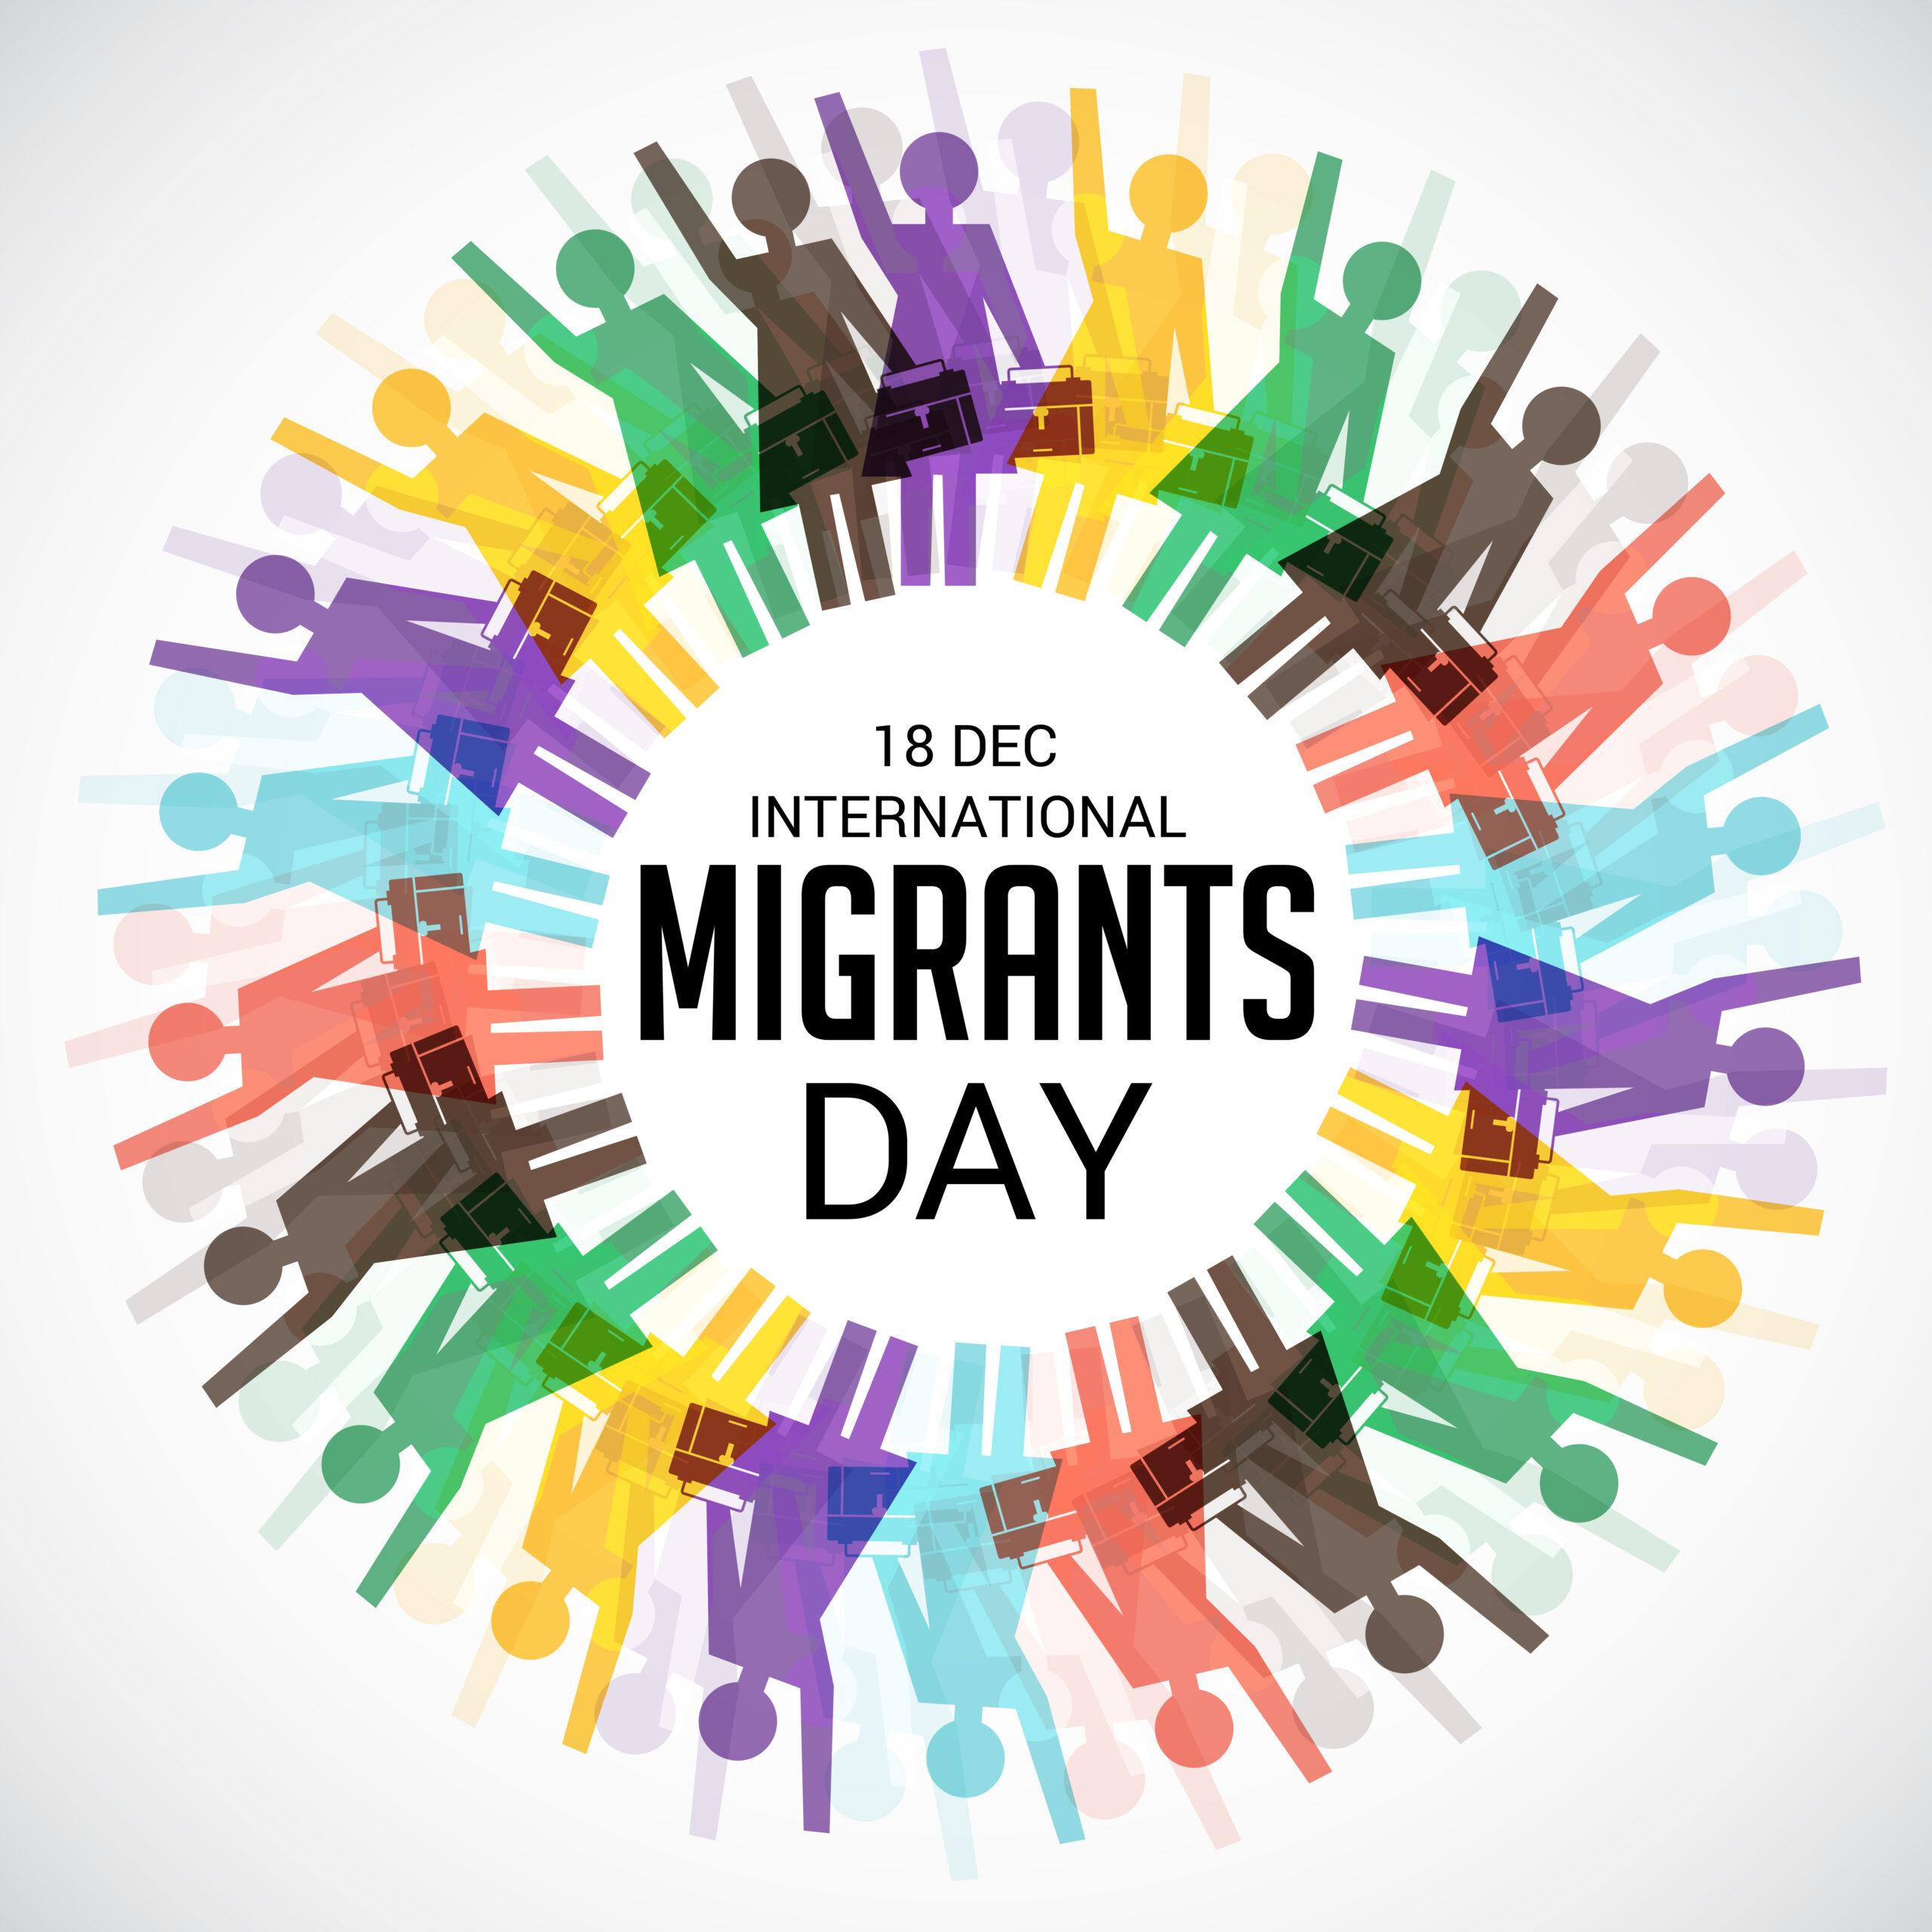 #Togetherformigration: More Than Just A Number  Samuel for Important International Days In December